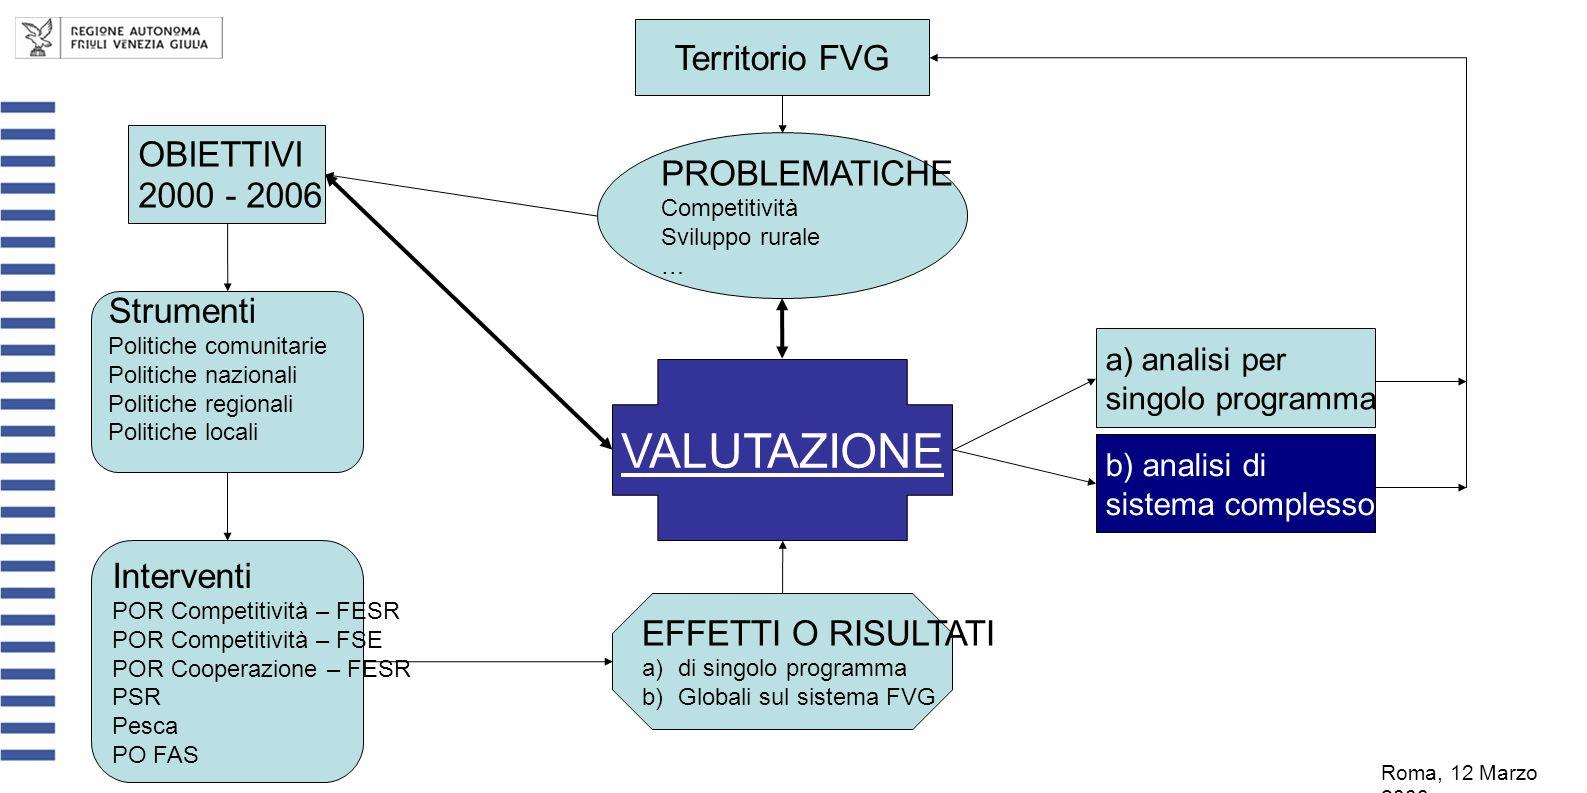 PROBLEMATICHE Competitività Sviluppo rurale … Territorio FVG OBIETTIVI 2000 - 2006 b) analisi di sistema complesso a)analisi per singolo programma Str